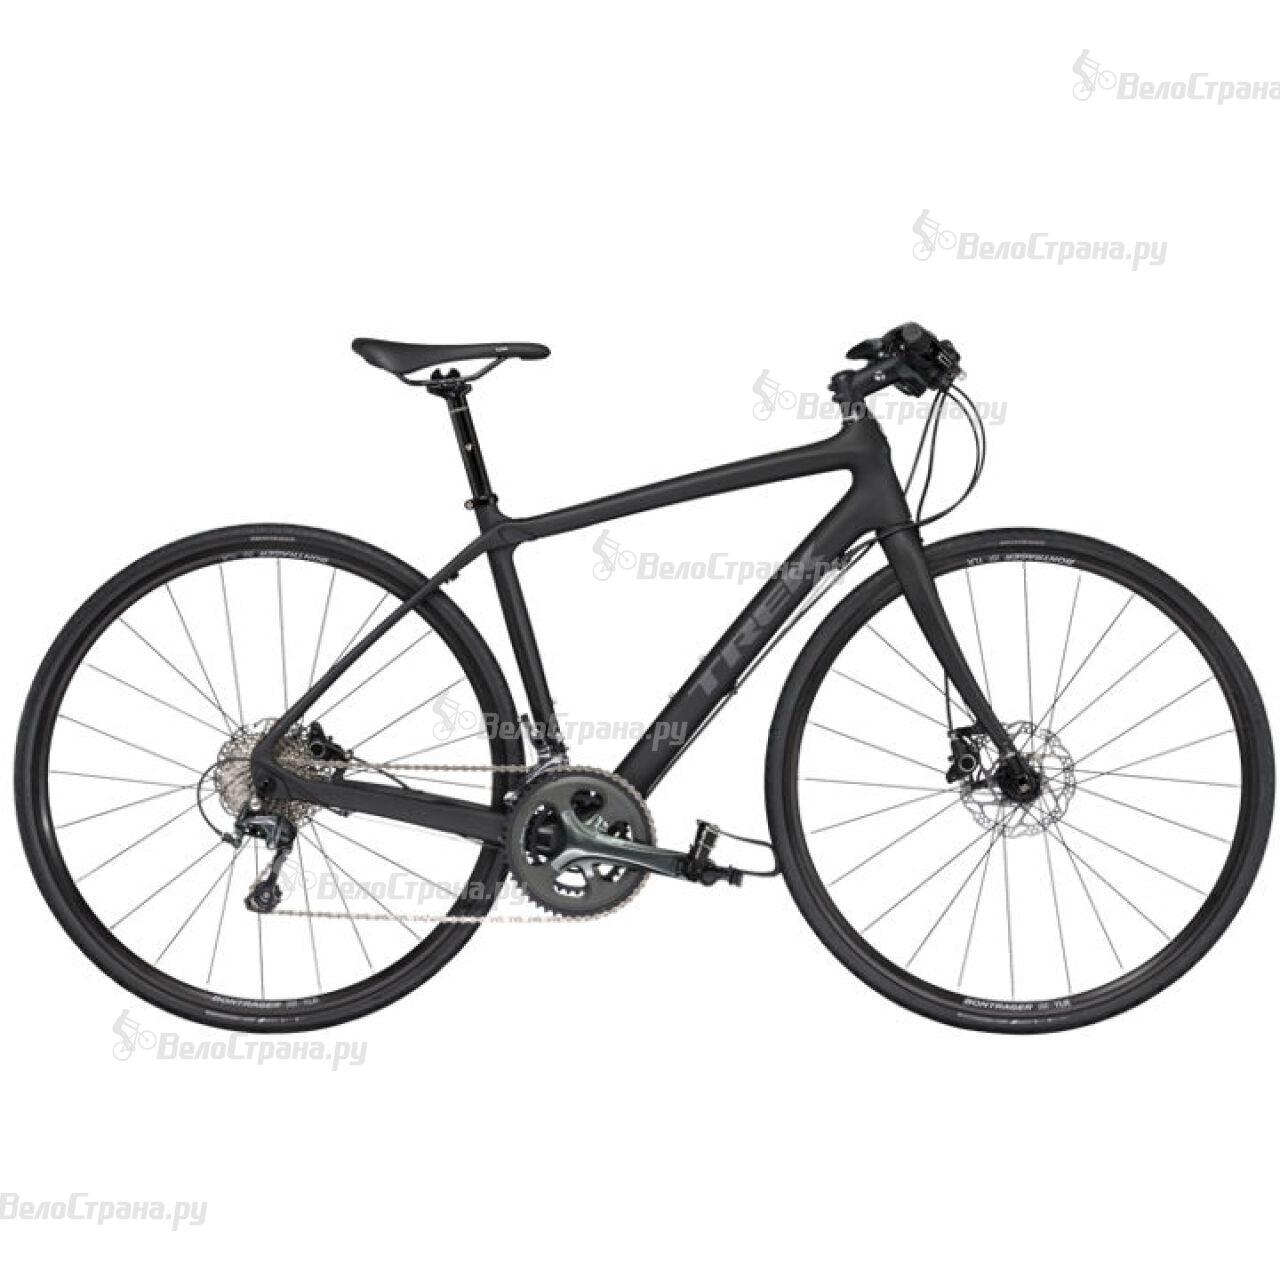 Велосипед Trek FX S 5 WSD (2017) велосипед trek 7 4 fx wsd 2014